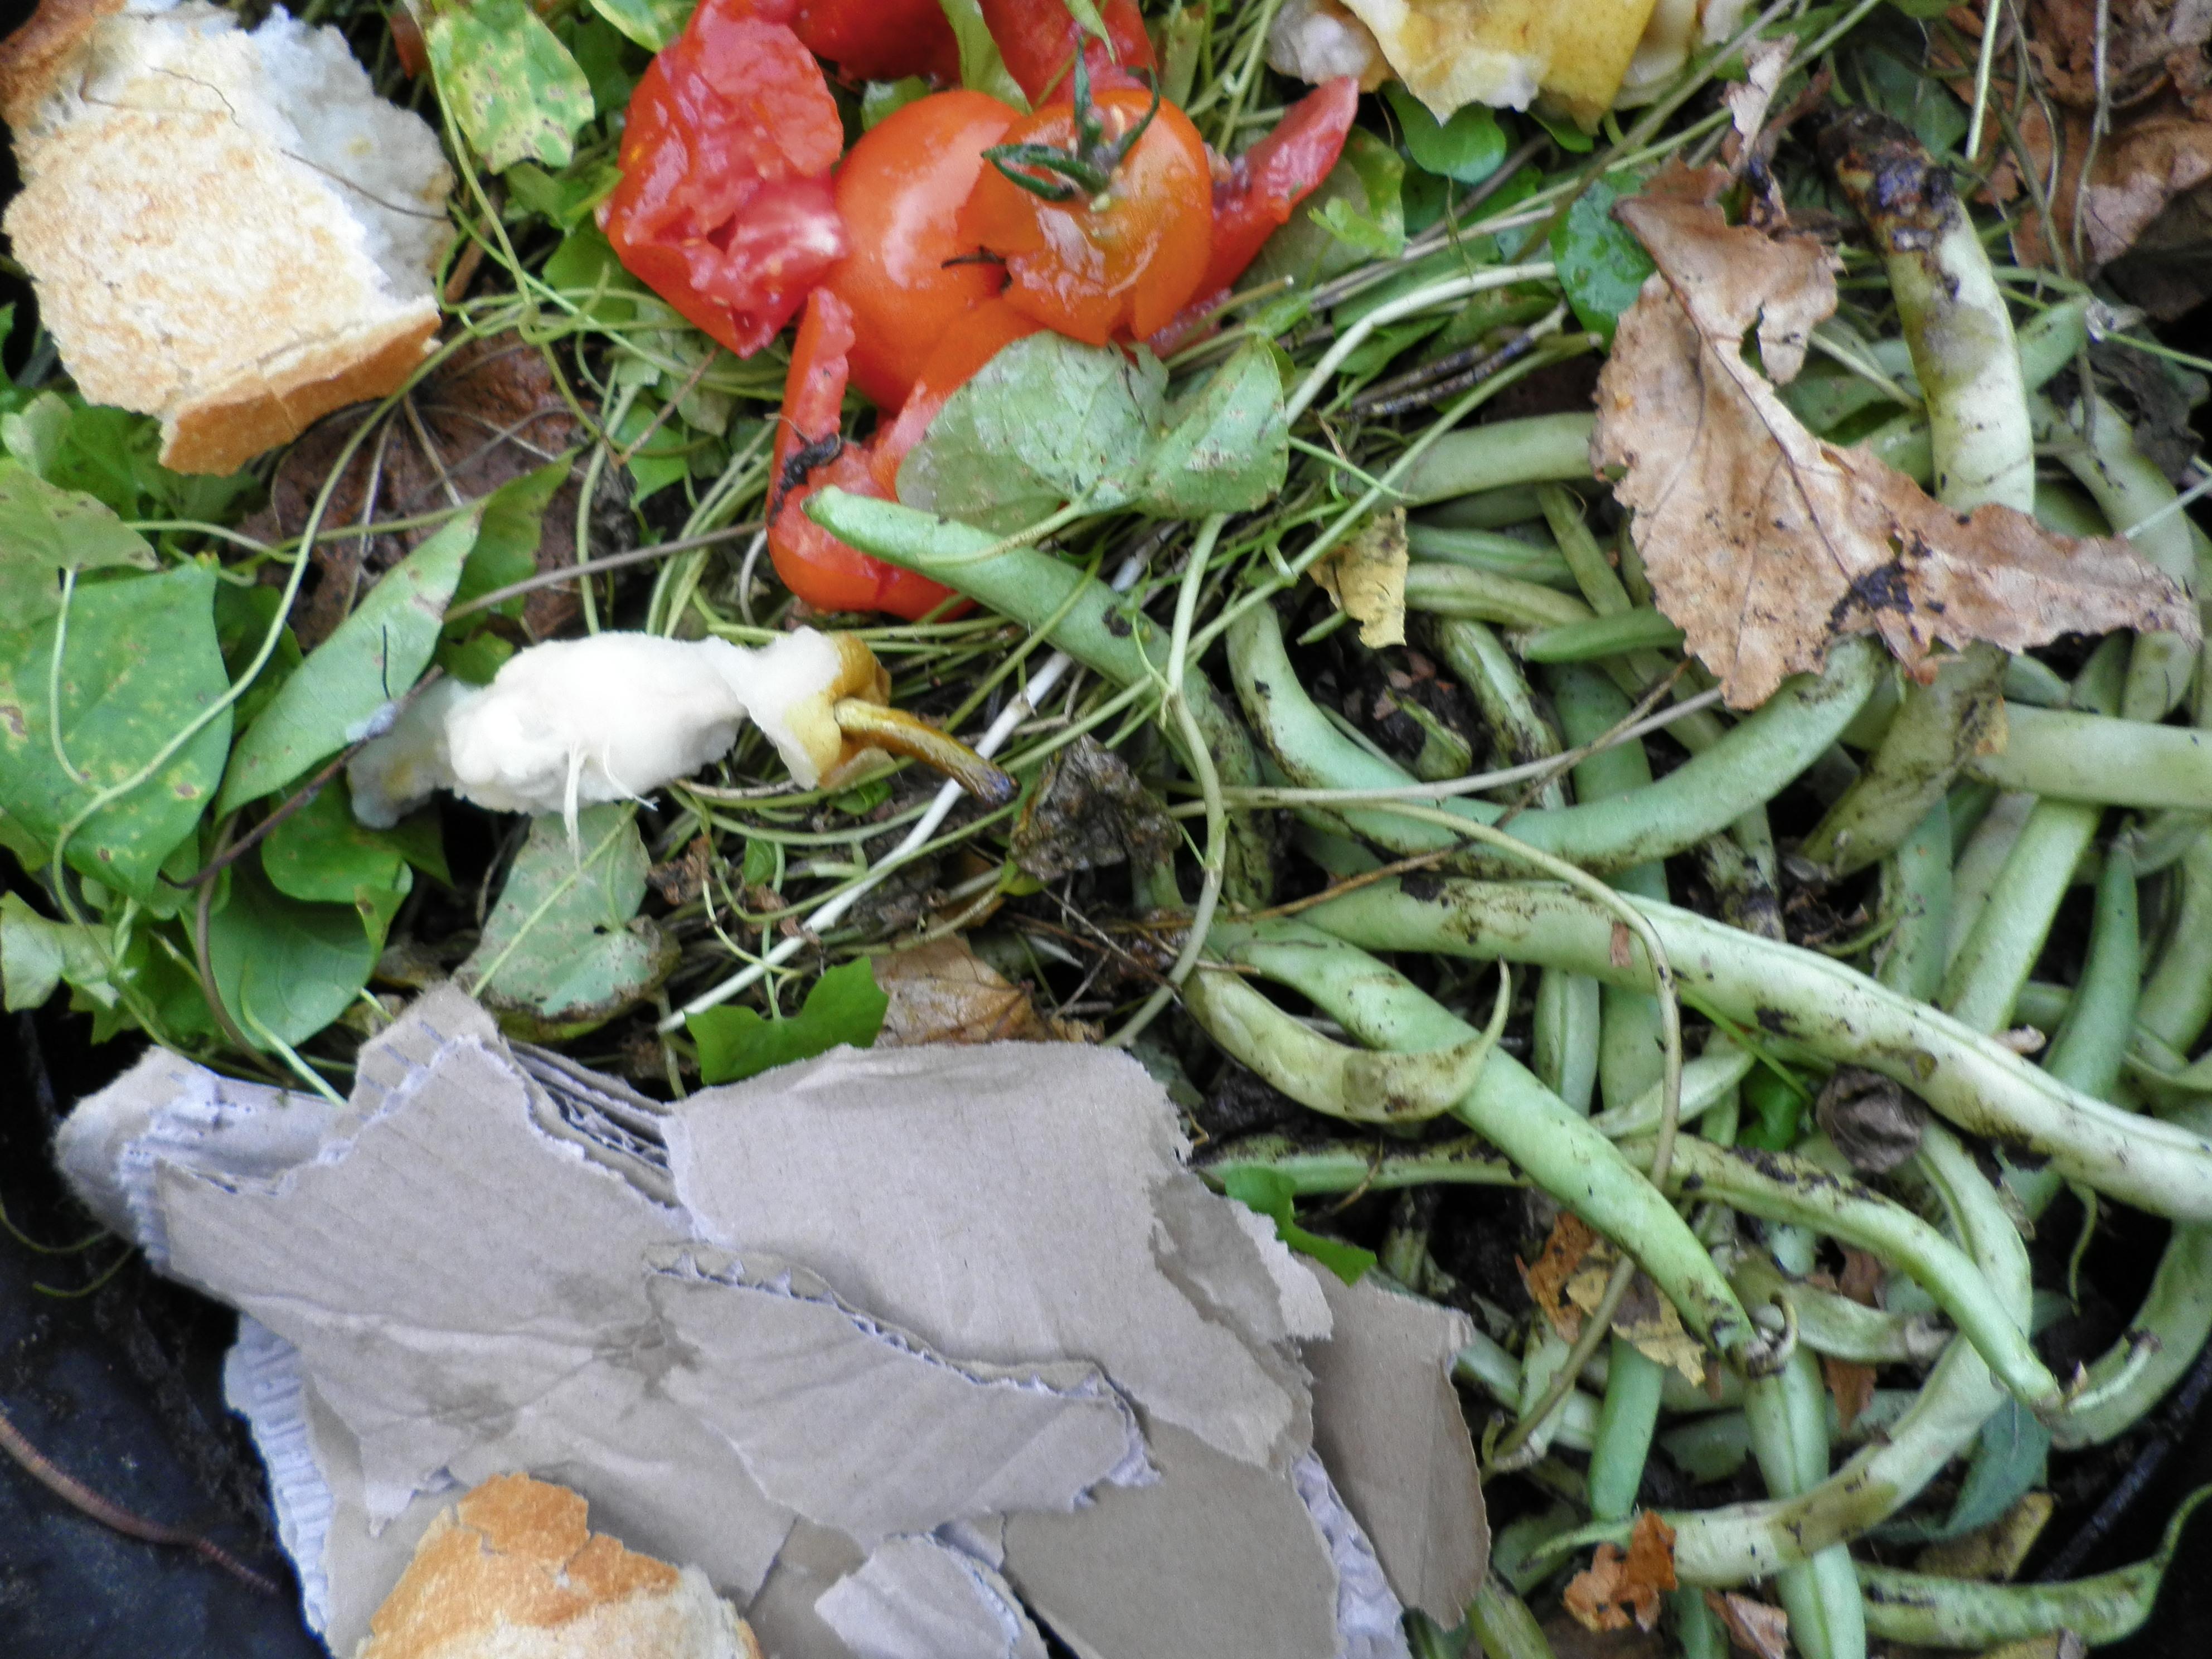 Déchets organiques